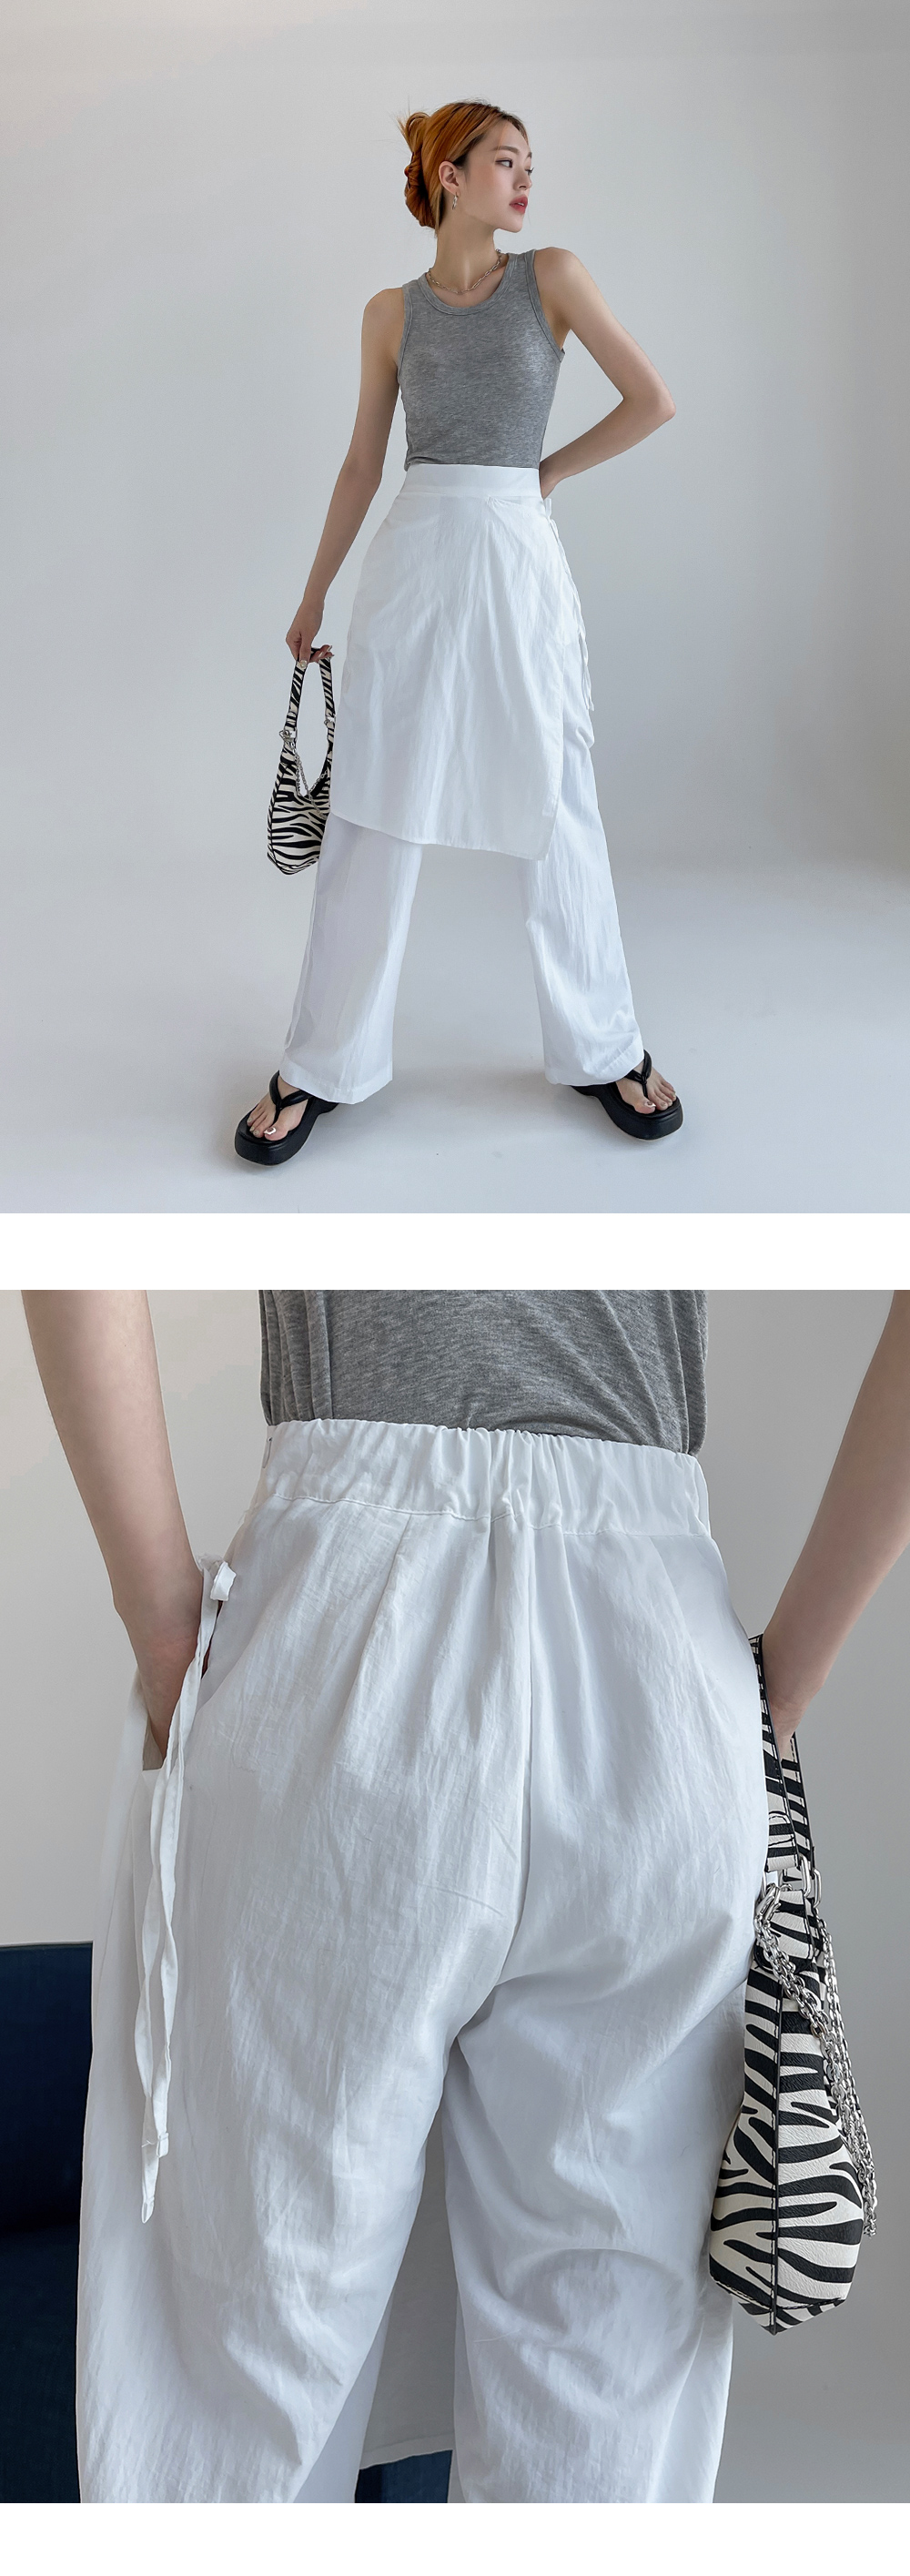 Philadel Banding Skirt Pants